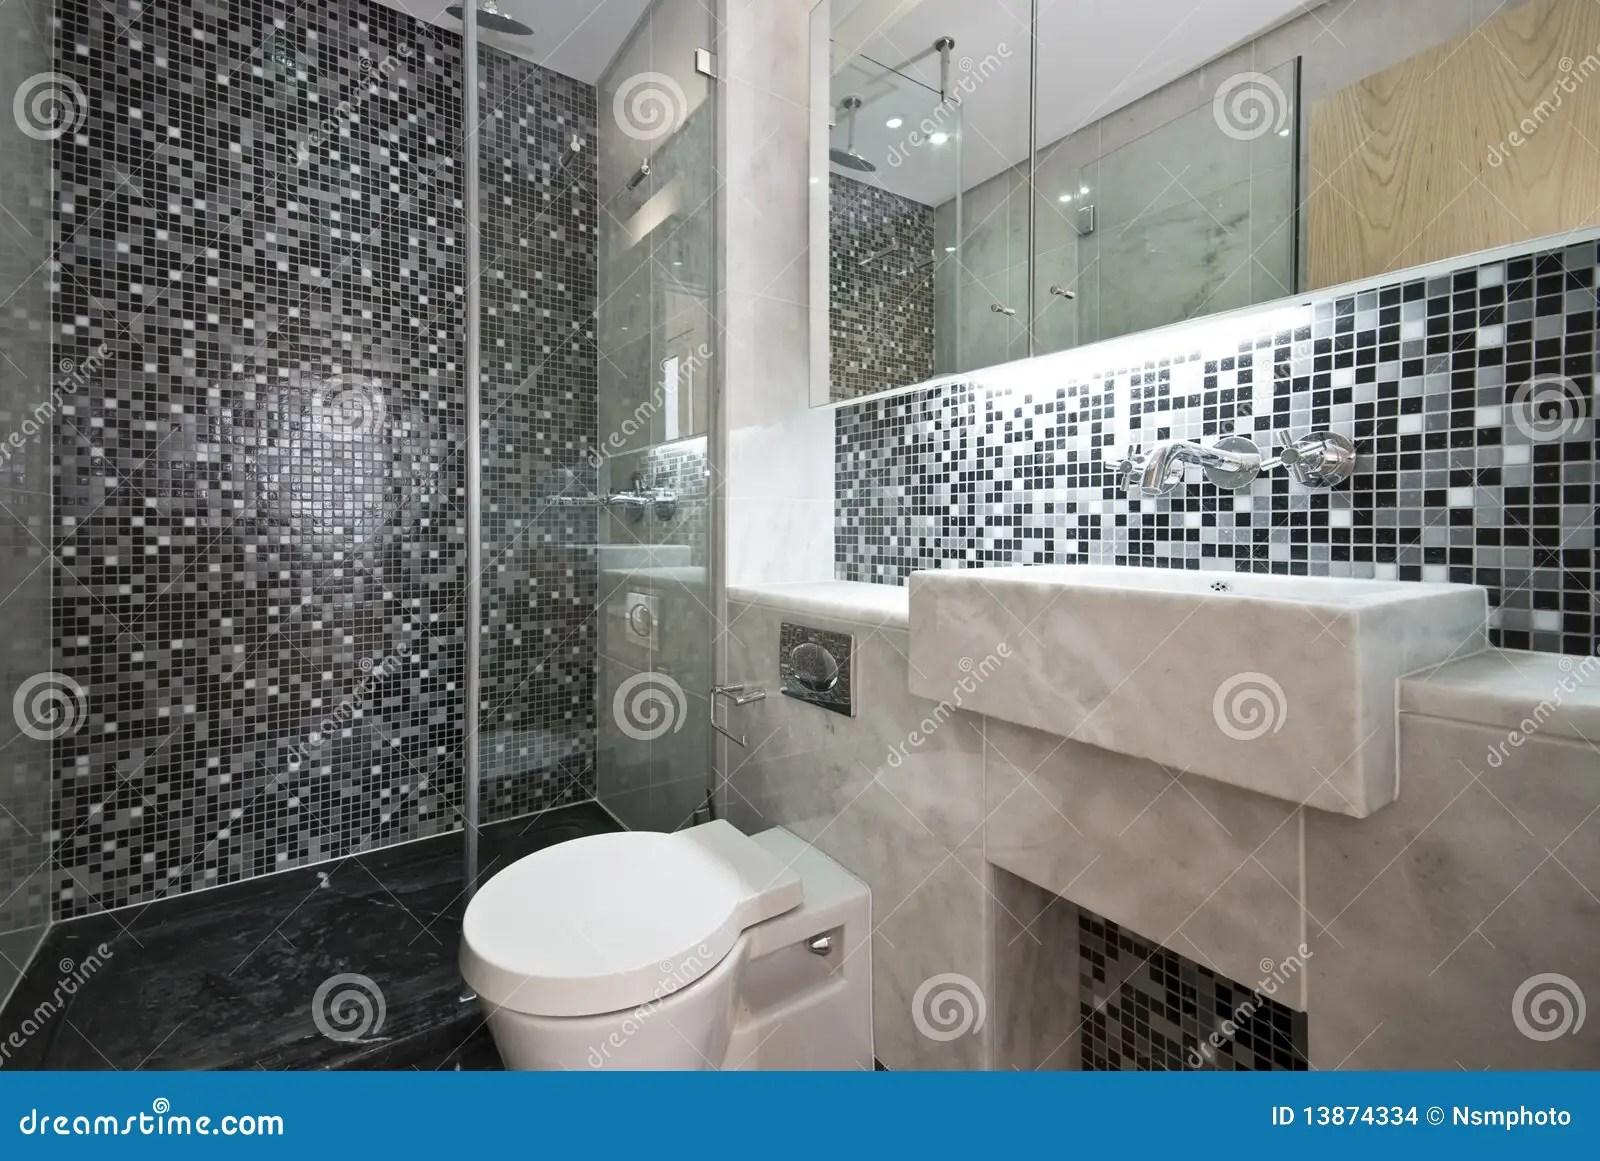 Stanza Da Bagno Lussuosa In In Bianco E Nero Fotografia